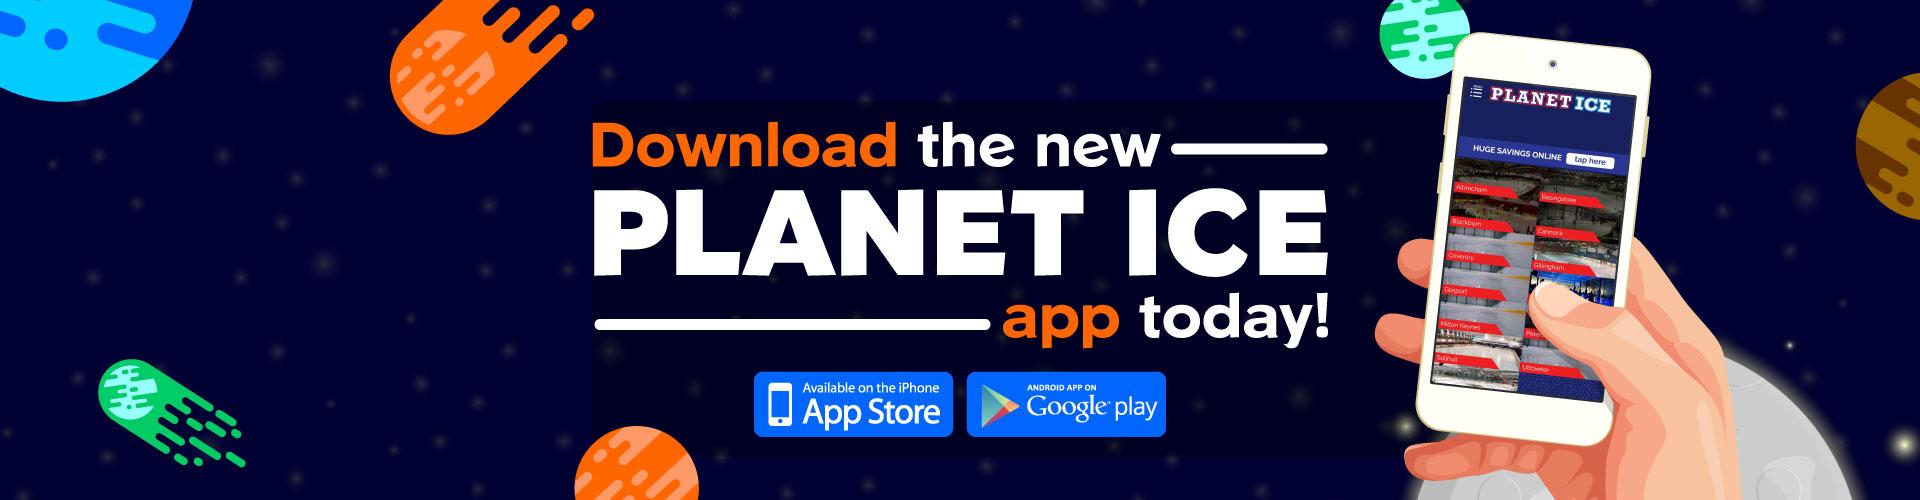 Planet Ice App